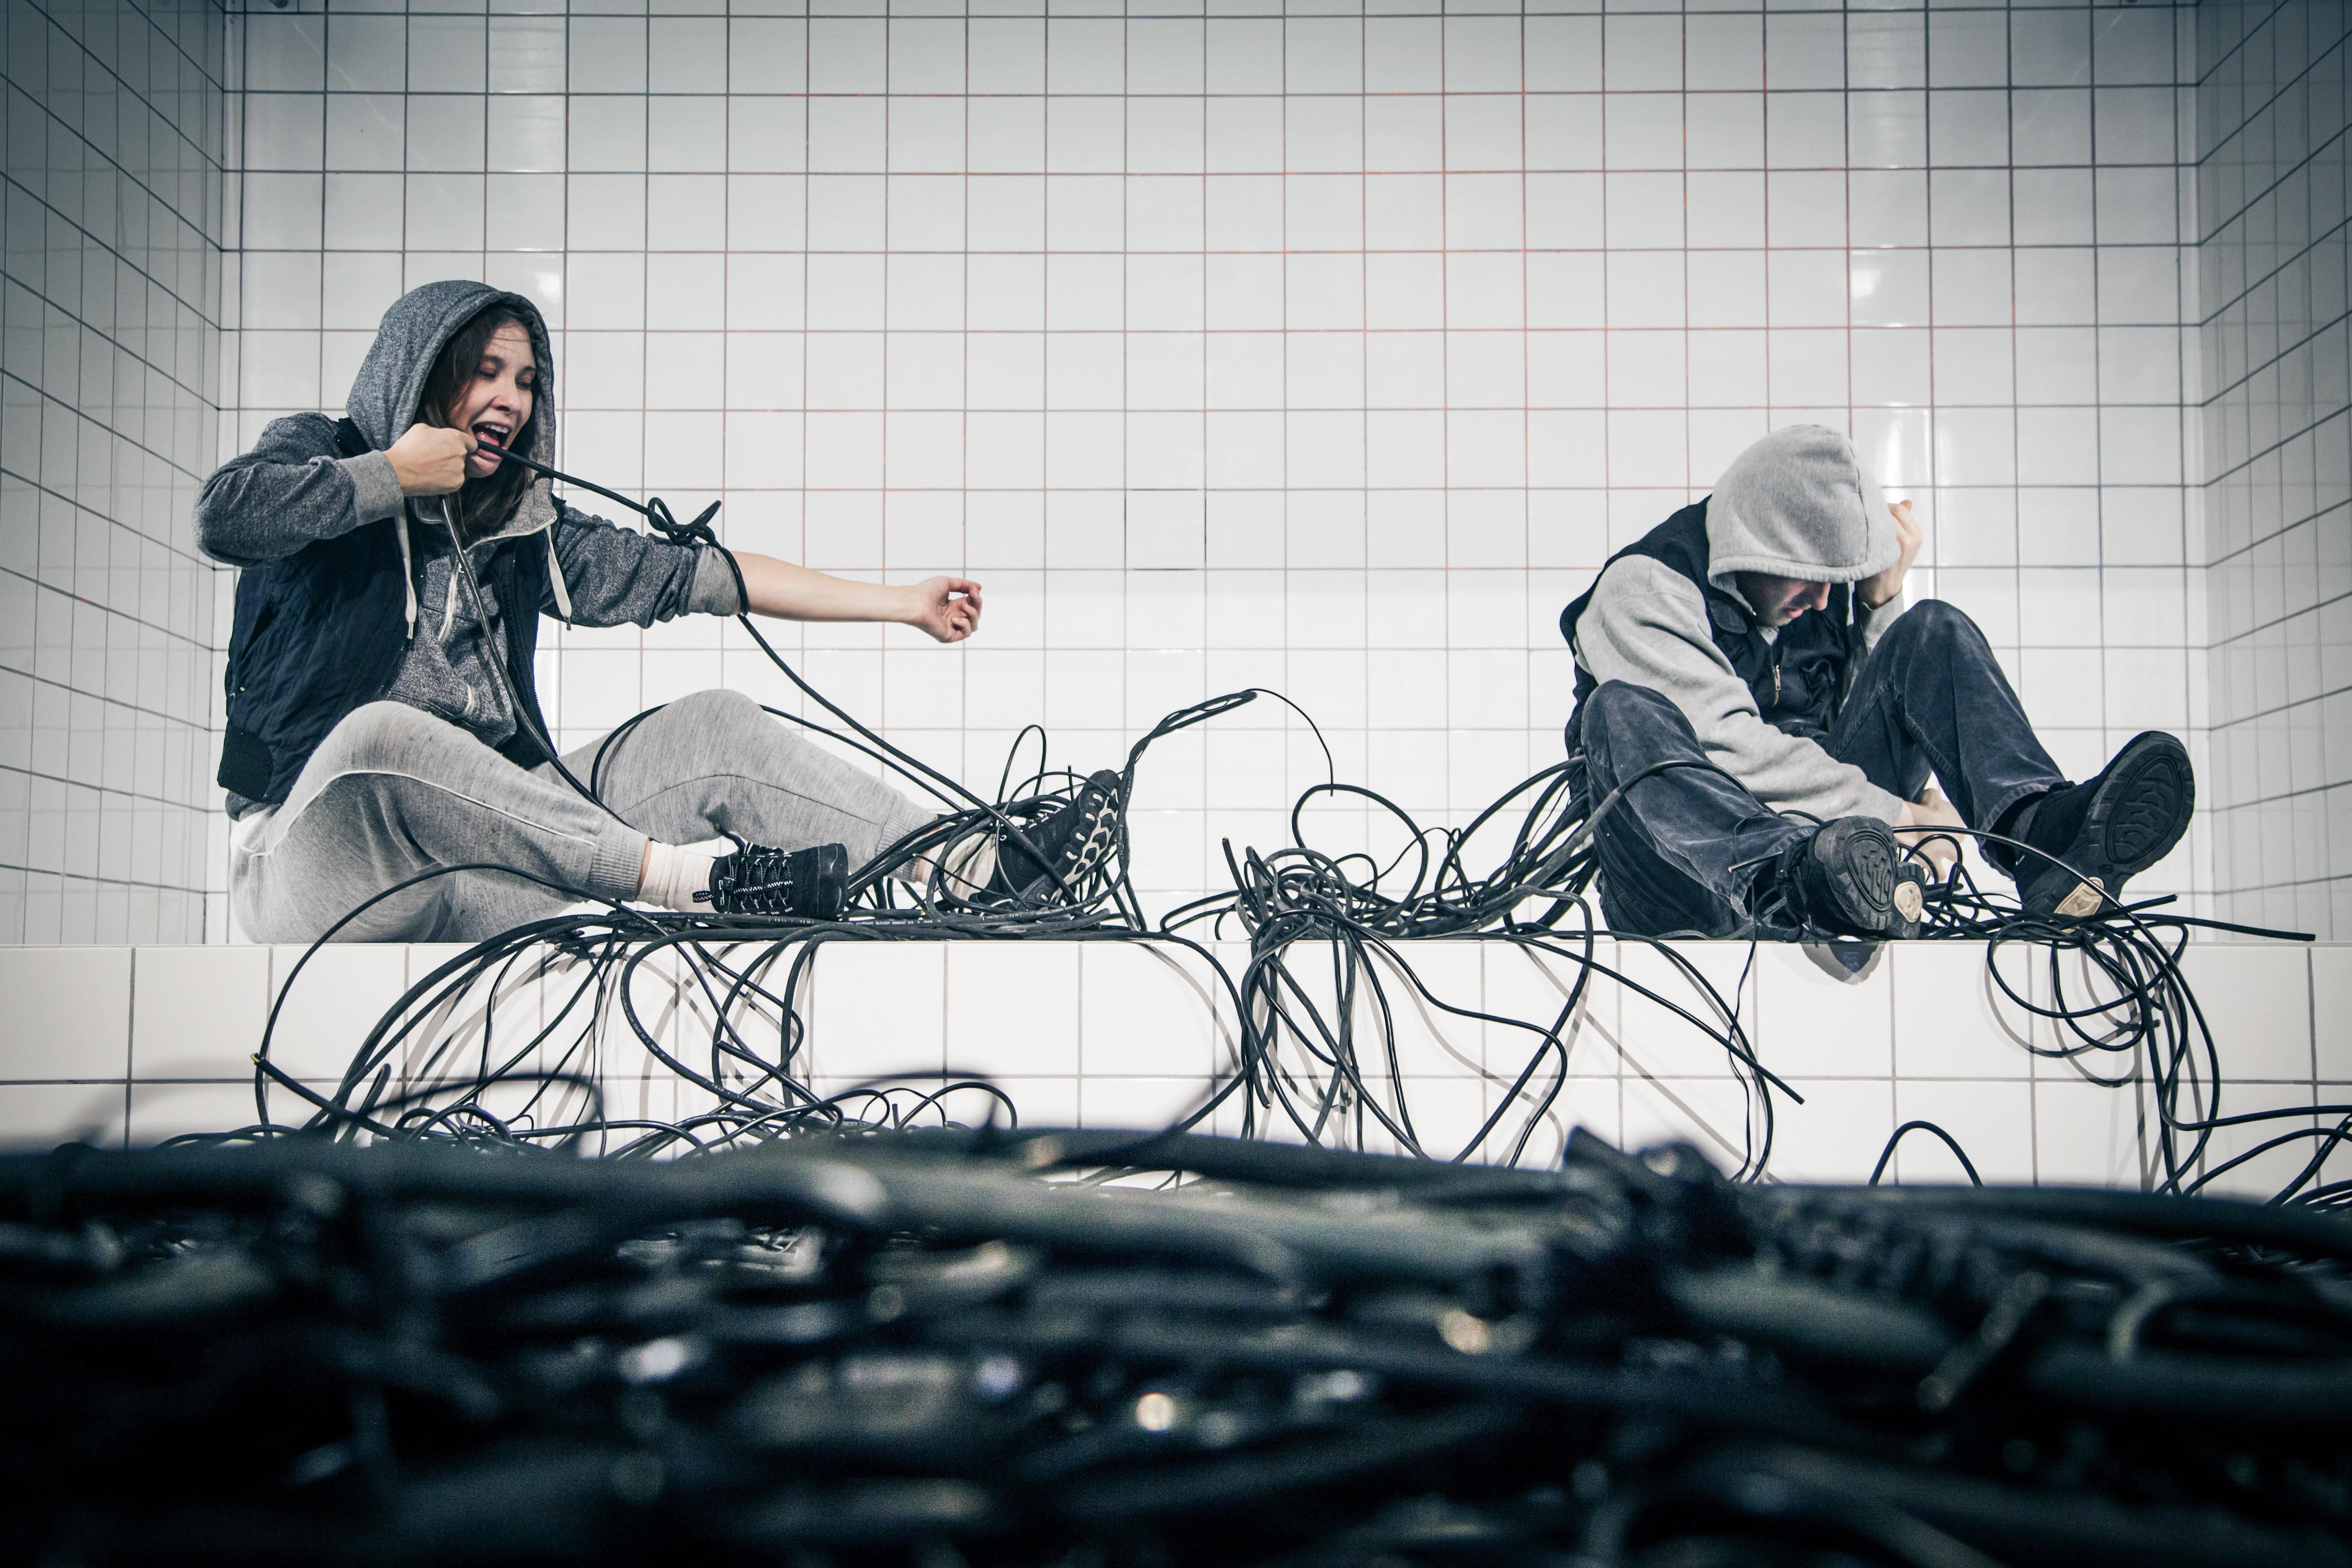 Godt-vi-har-Allan-Foto-Daniel-Buchwald-3-mini